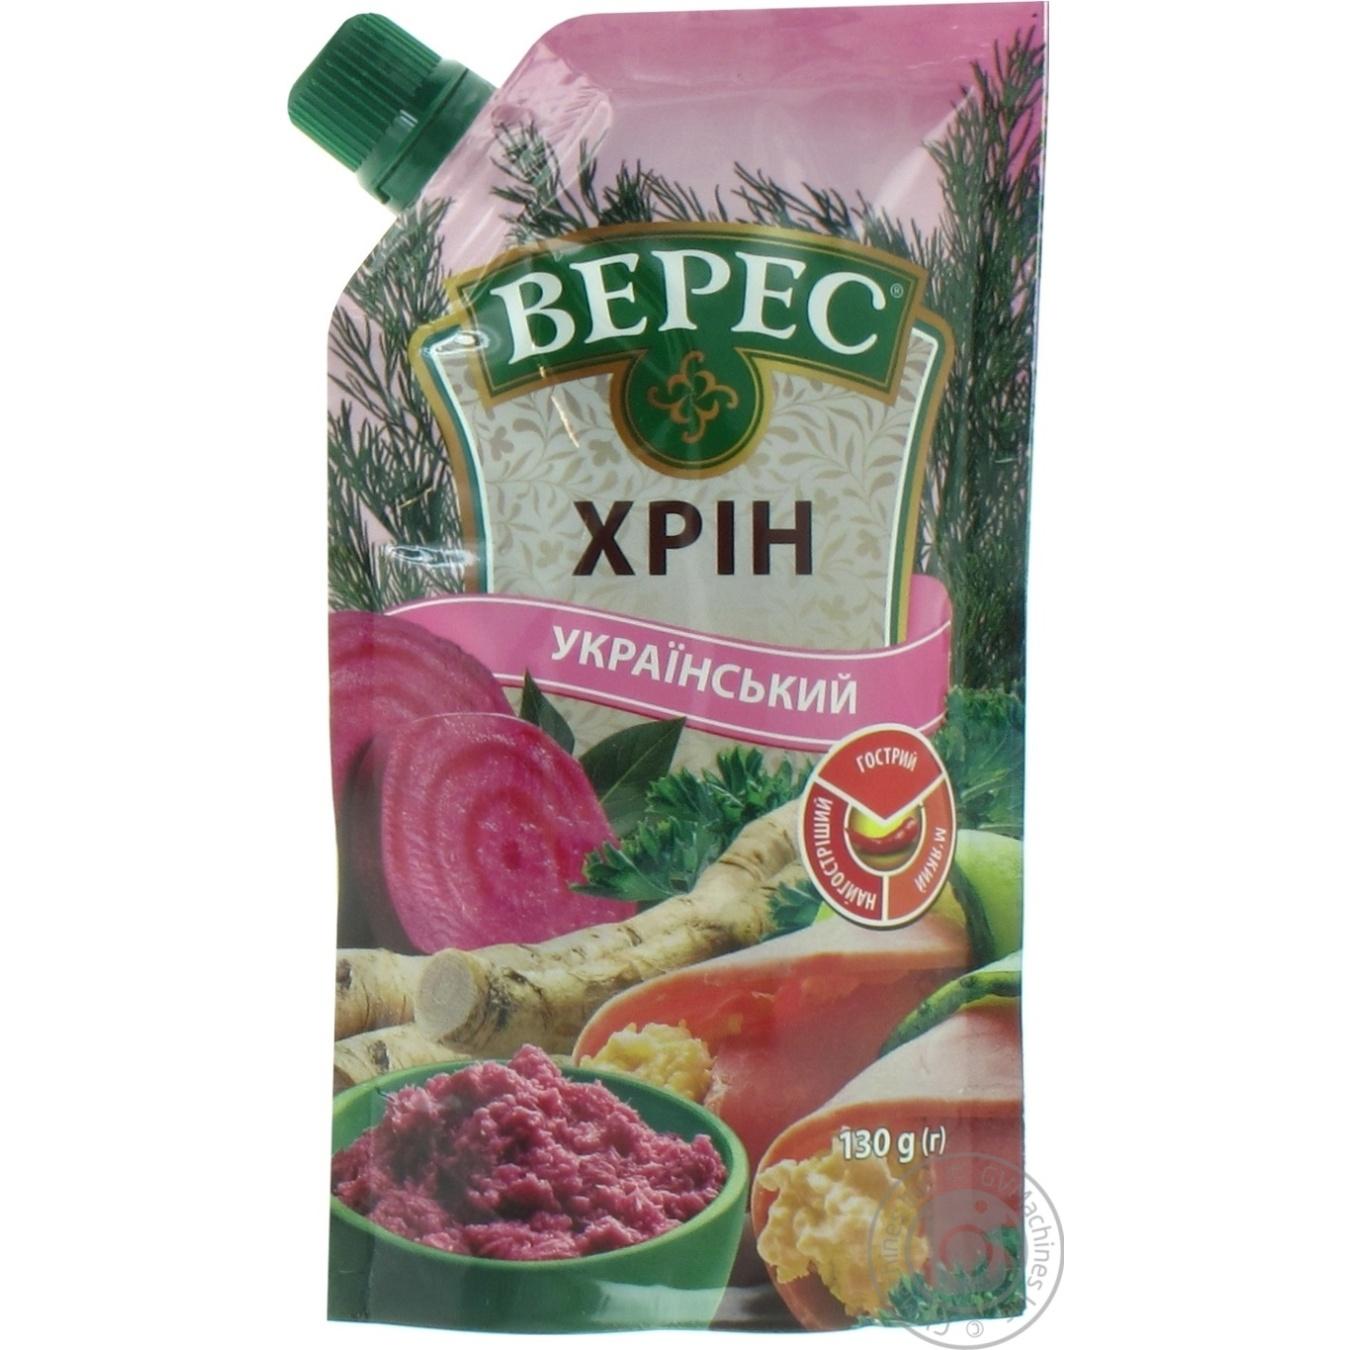 Купить Хрен Верес Украинский 130г